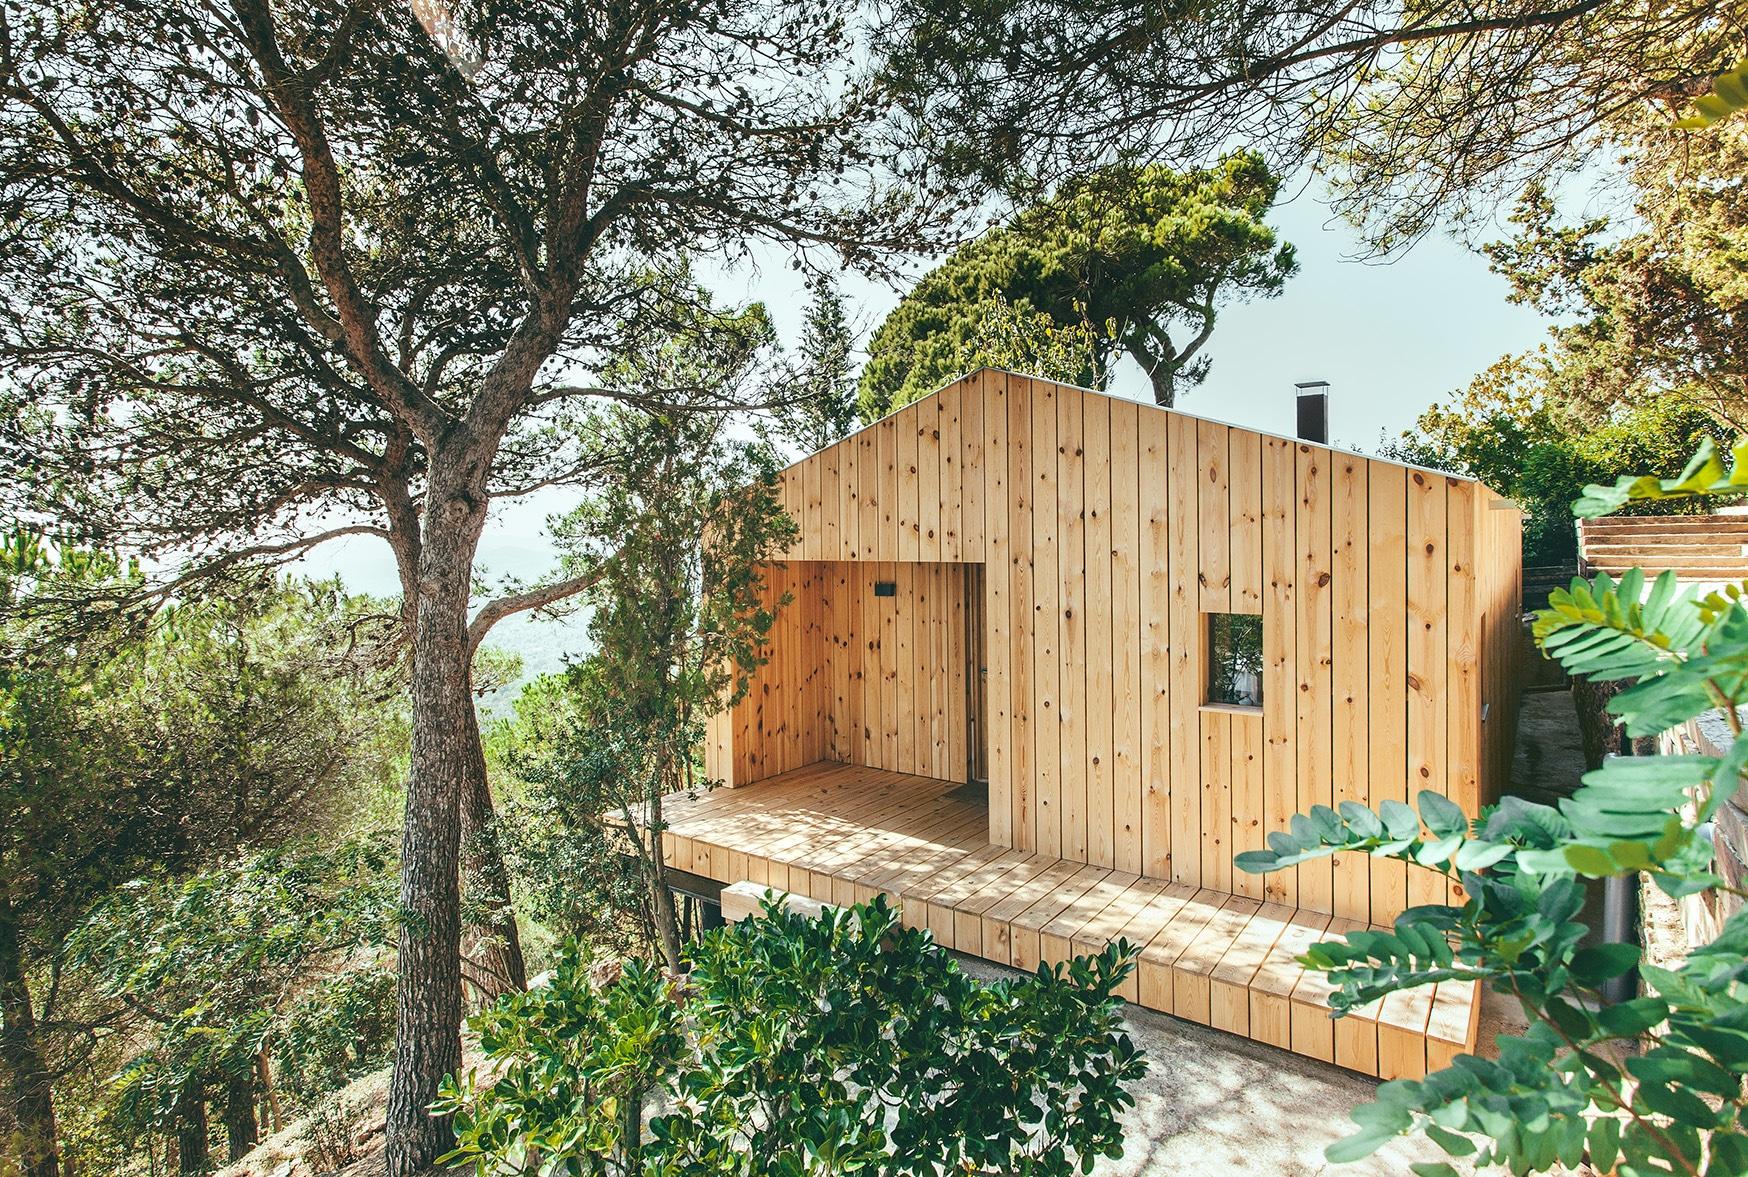 Casa prefabricada convence por su sostenibilidad mediante eficiencia energetica la casa de madera